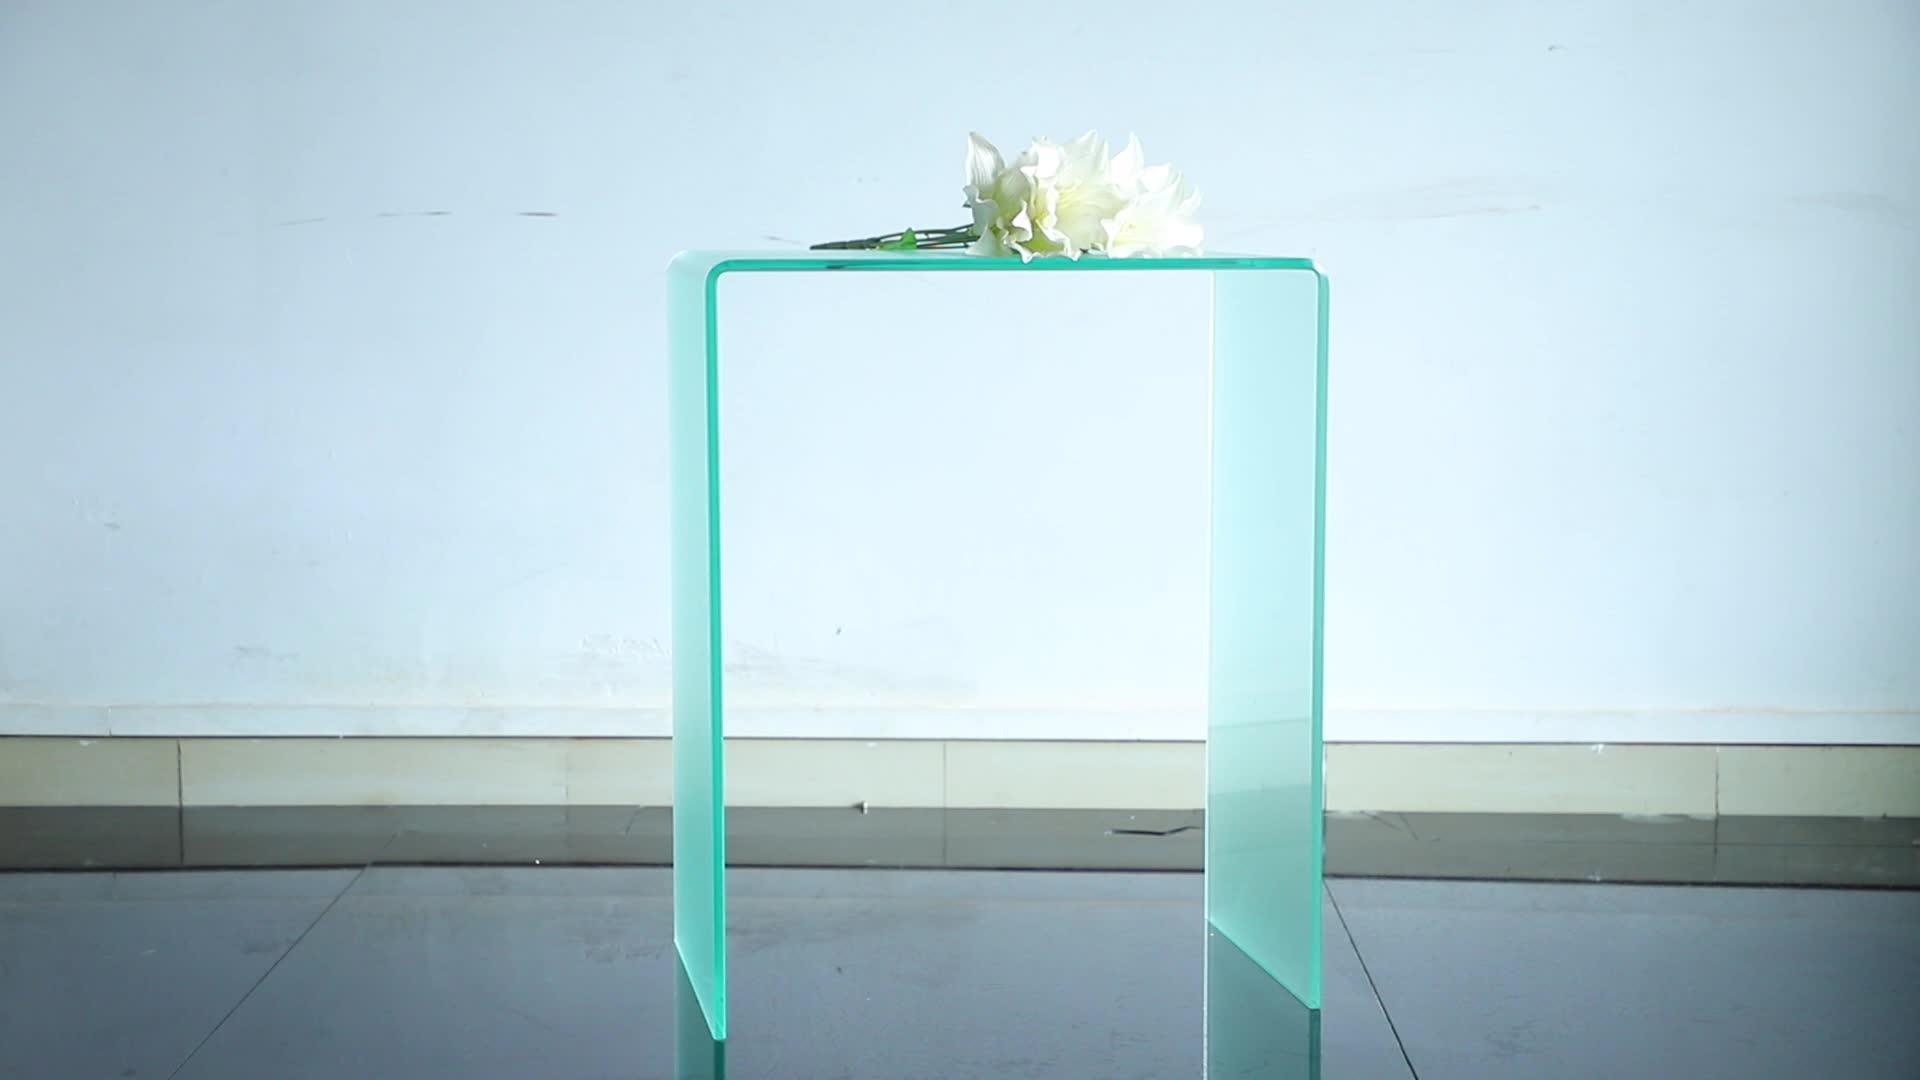 Kaca melengkung Meja Konsol dalam Warna Yang Jelas